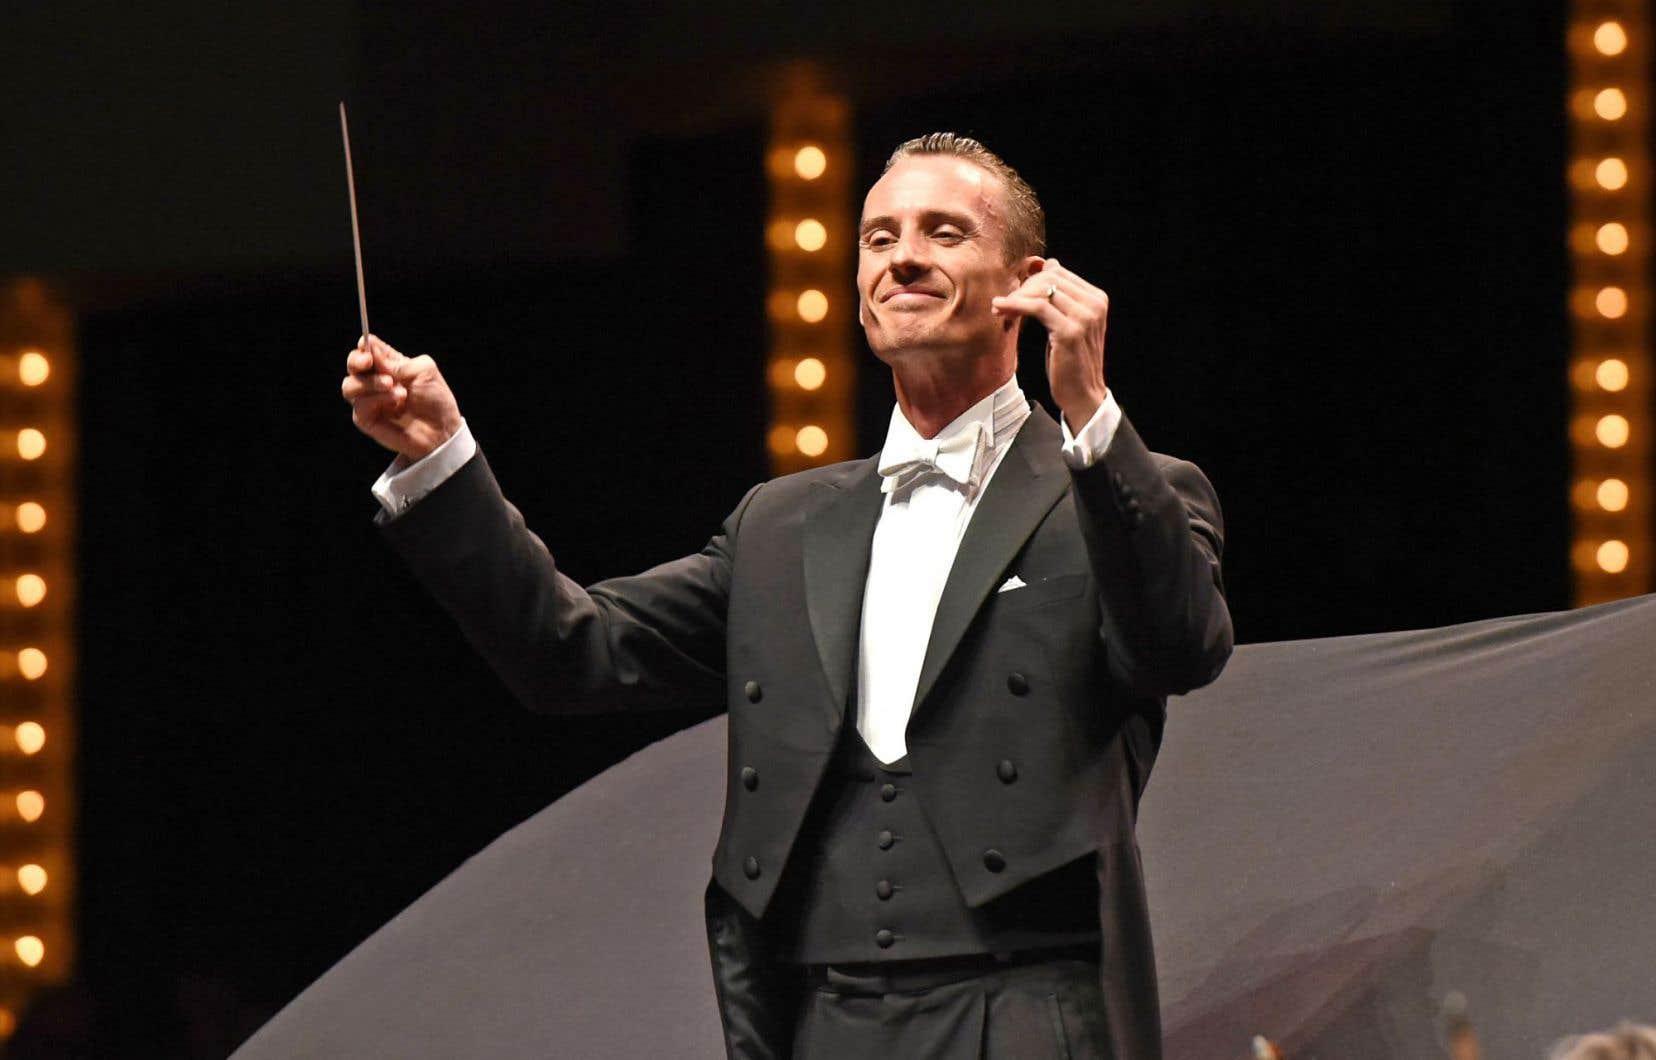 Le chef Alexander Shelley dirigera, en février2018, le pianiste Alain Lefèvre dans le concerto de Walter Boudreau.